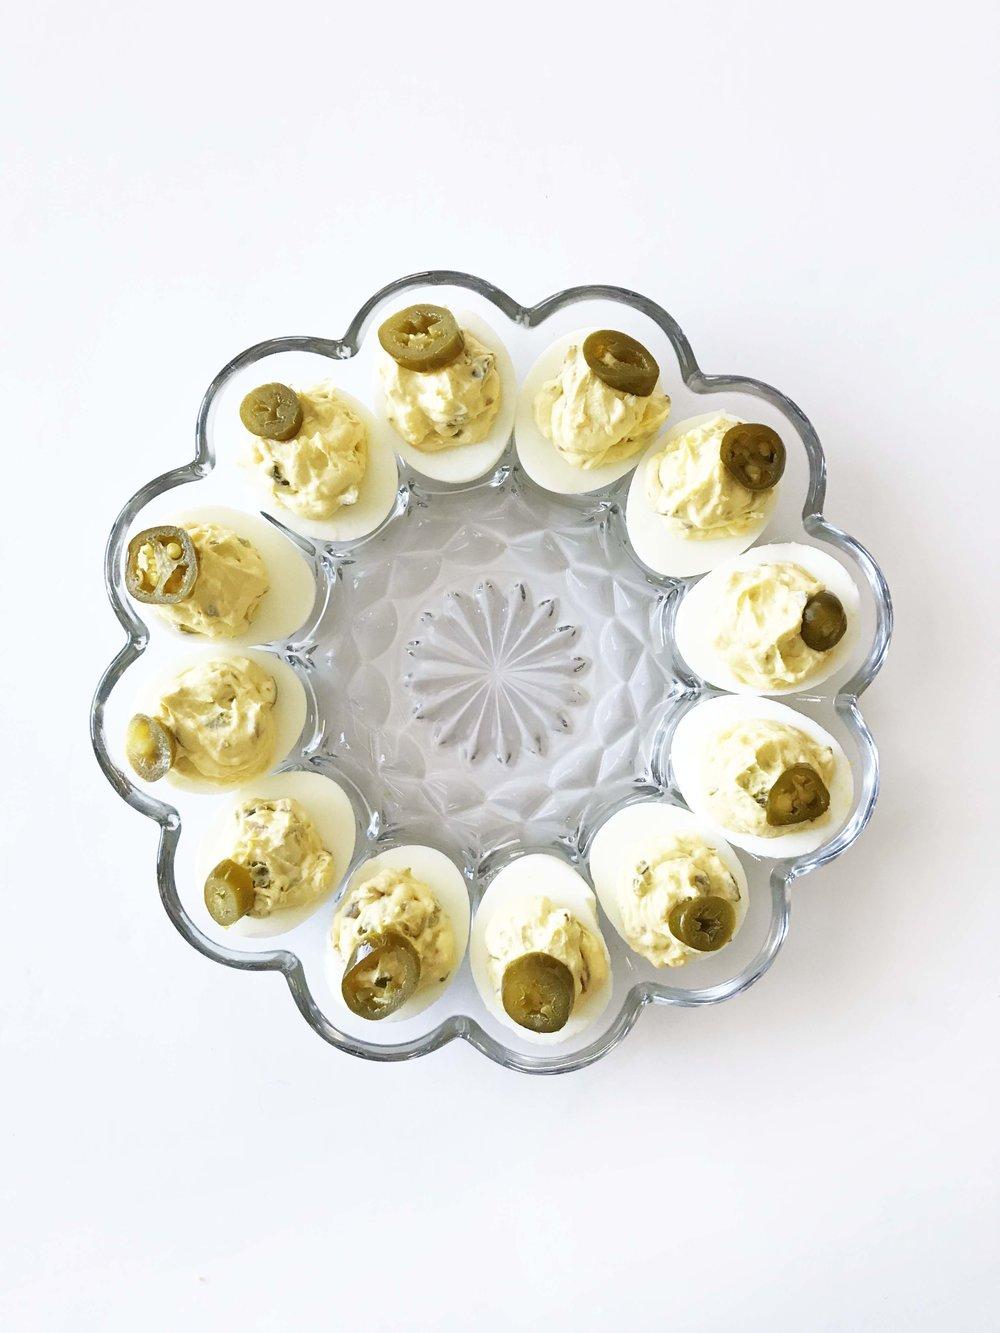 popper-deviled-eggs6.jpg